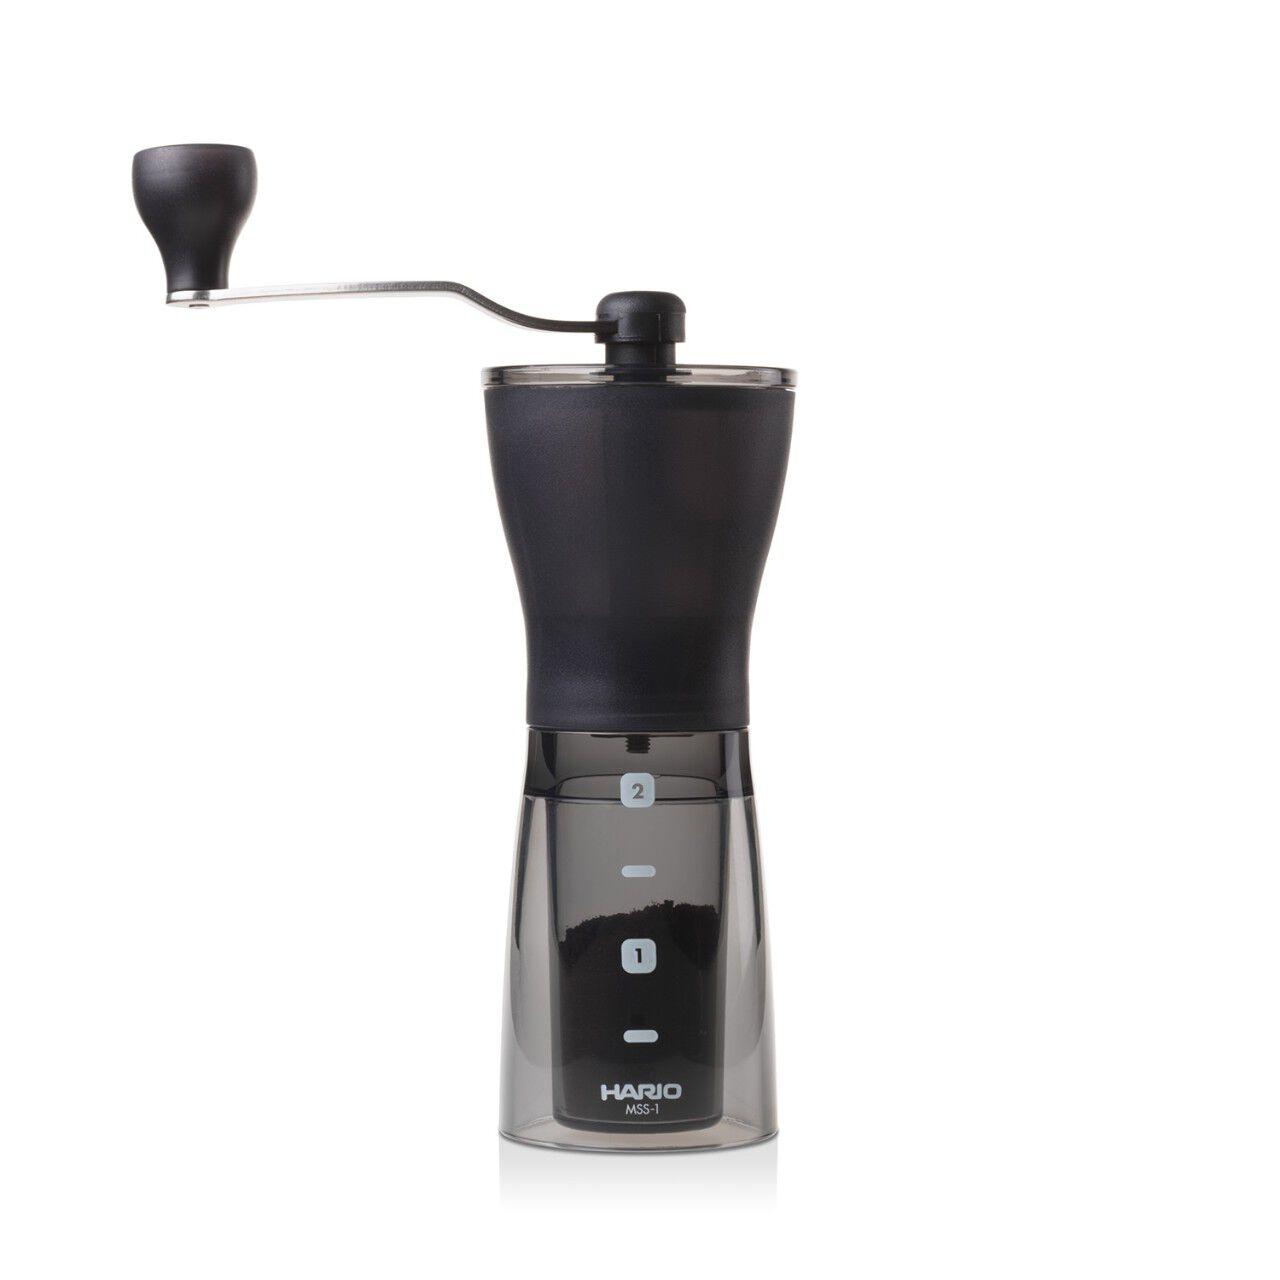 Macinino manuale Hario per la preparazione del caffè Cold Brew da 24gr